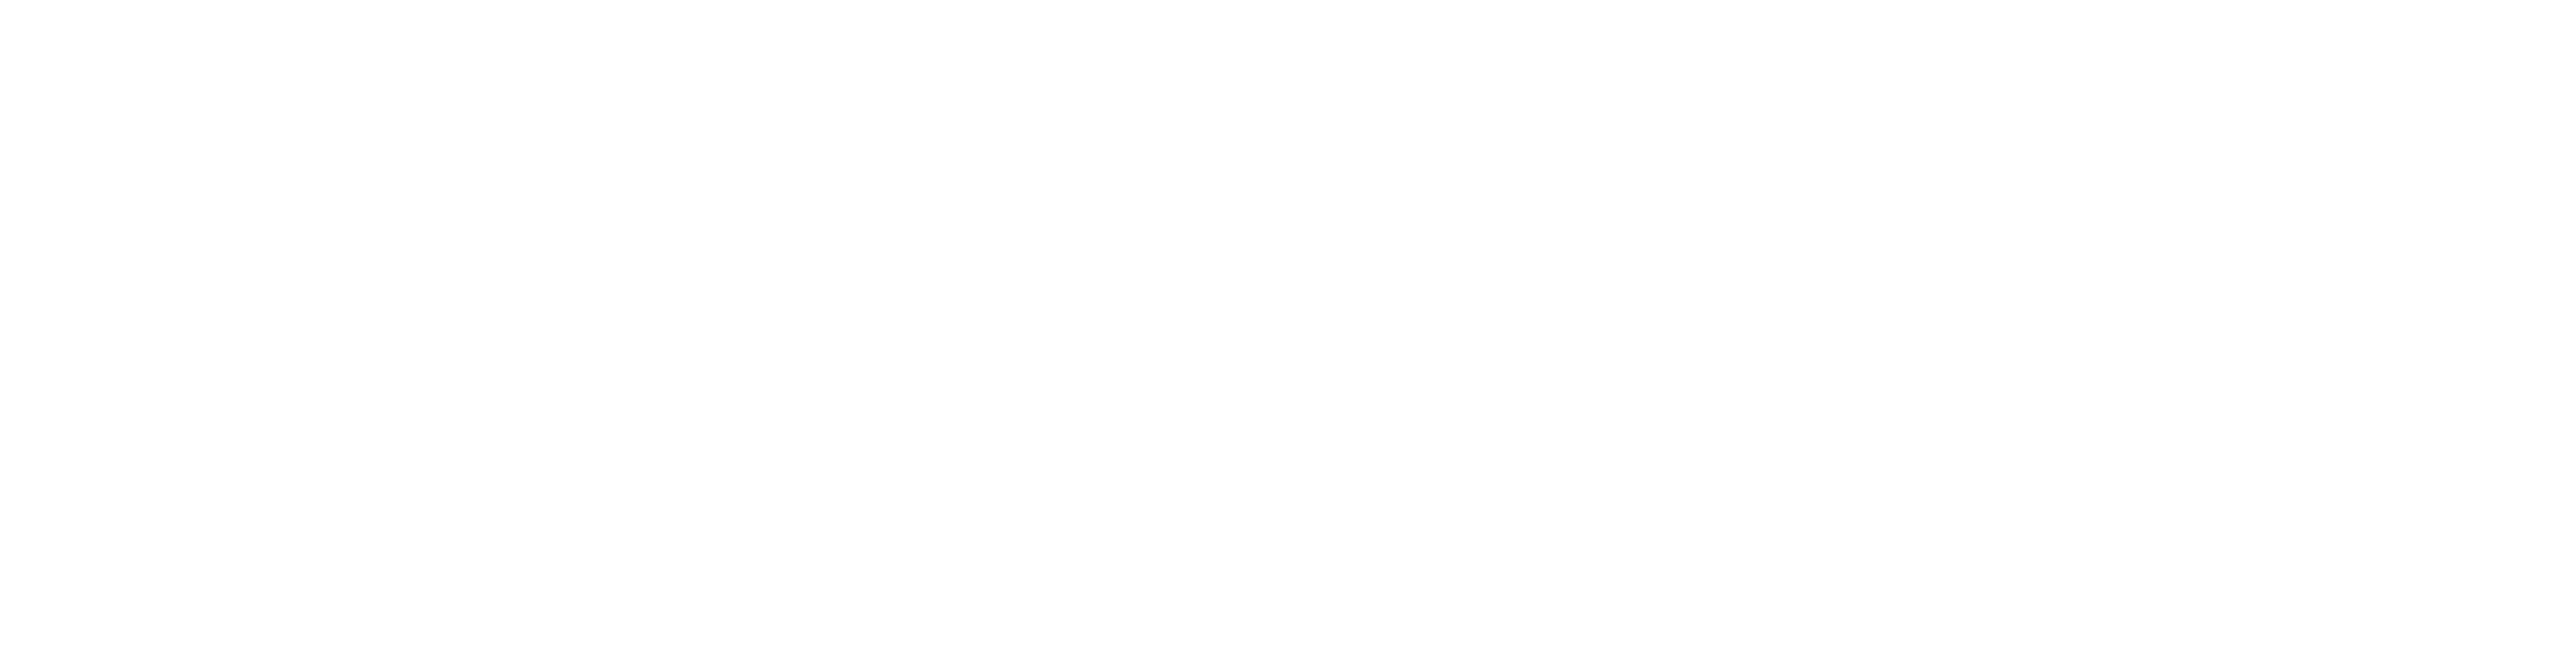 Building Better Practice